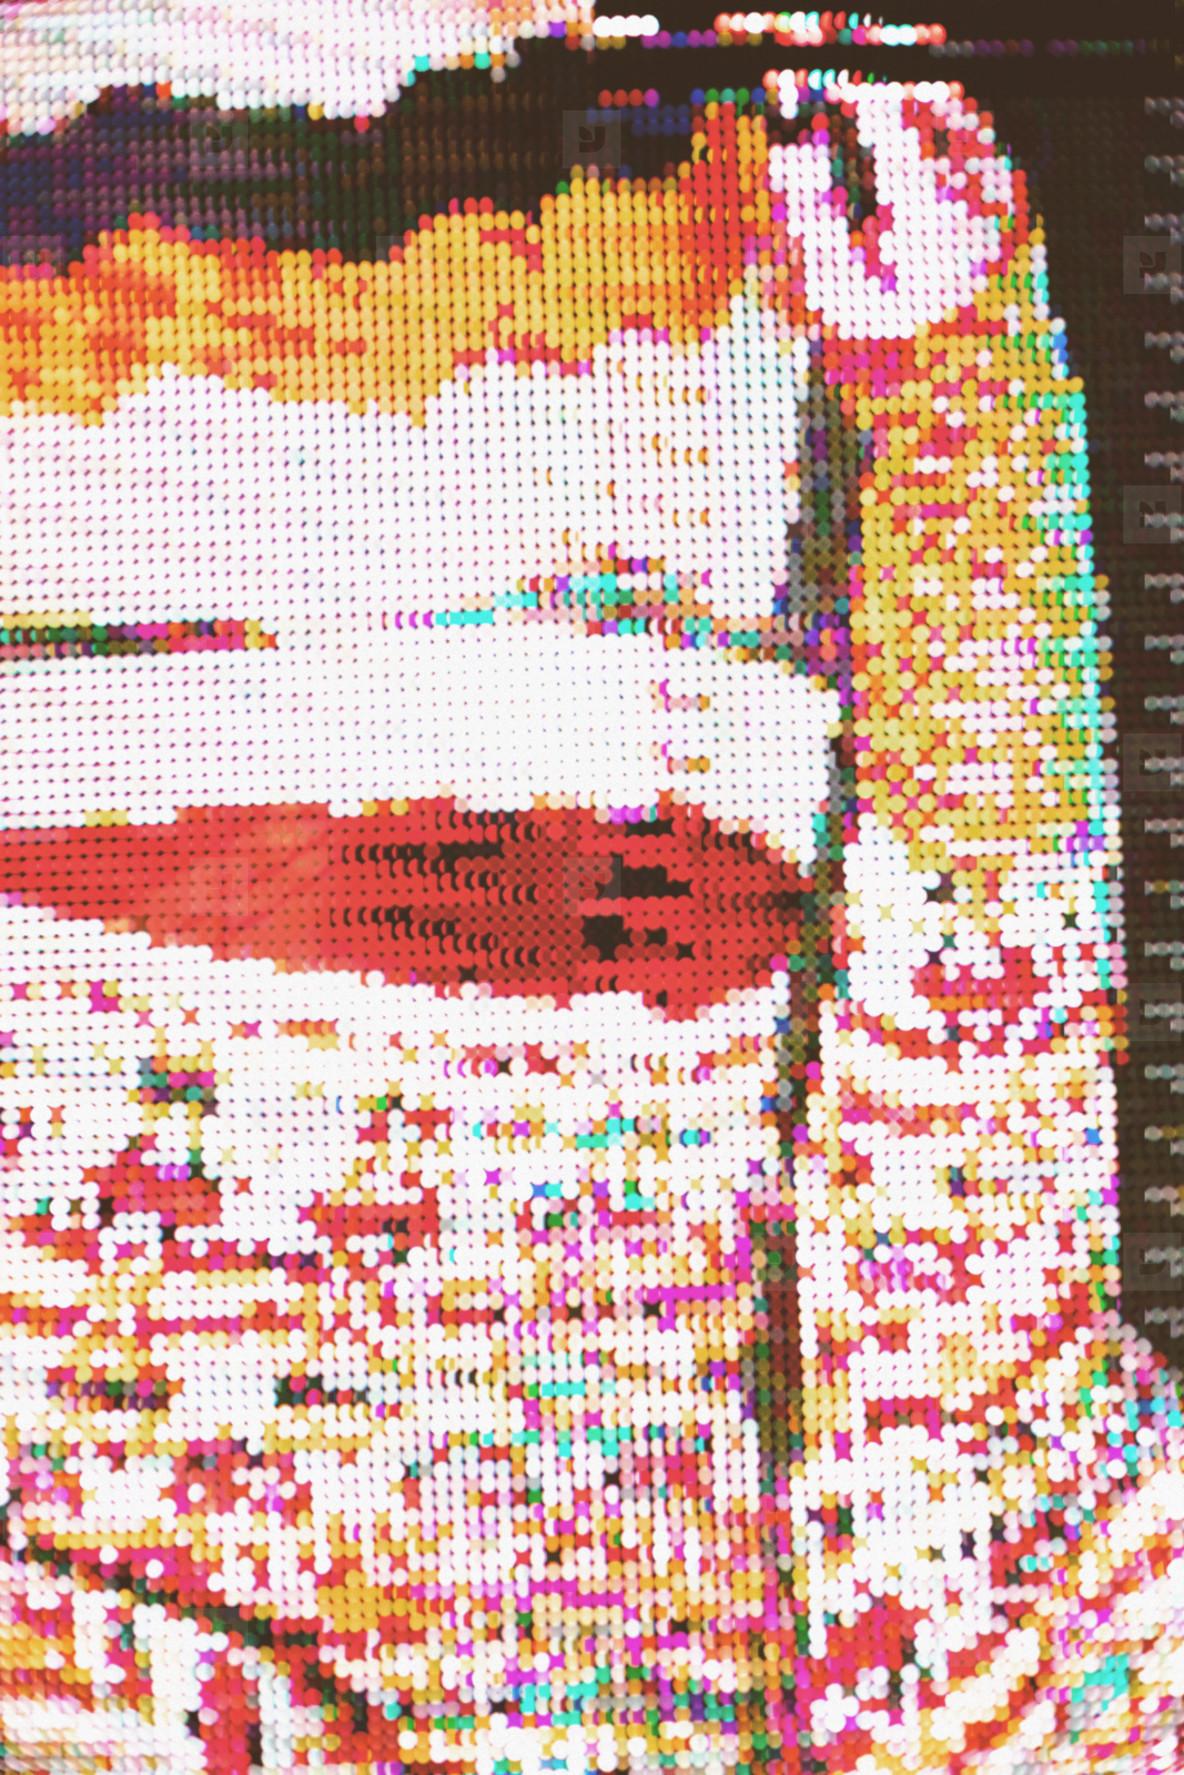 Digital Glitch B14